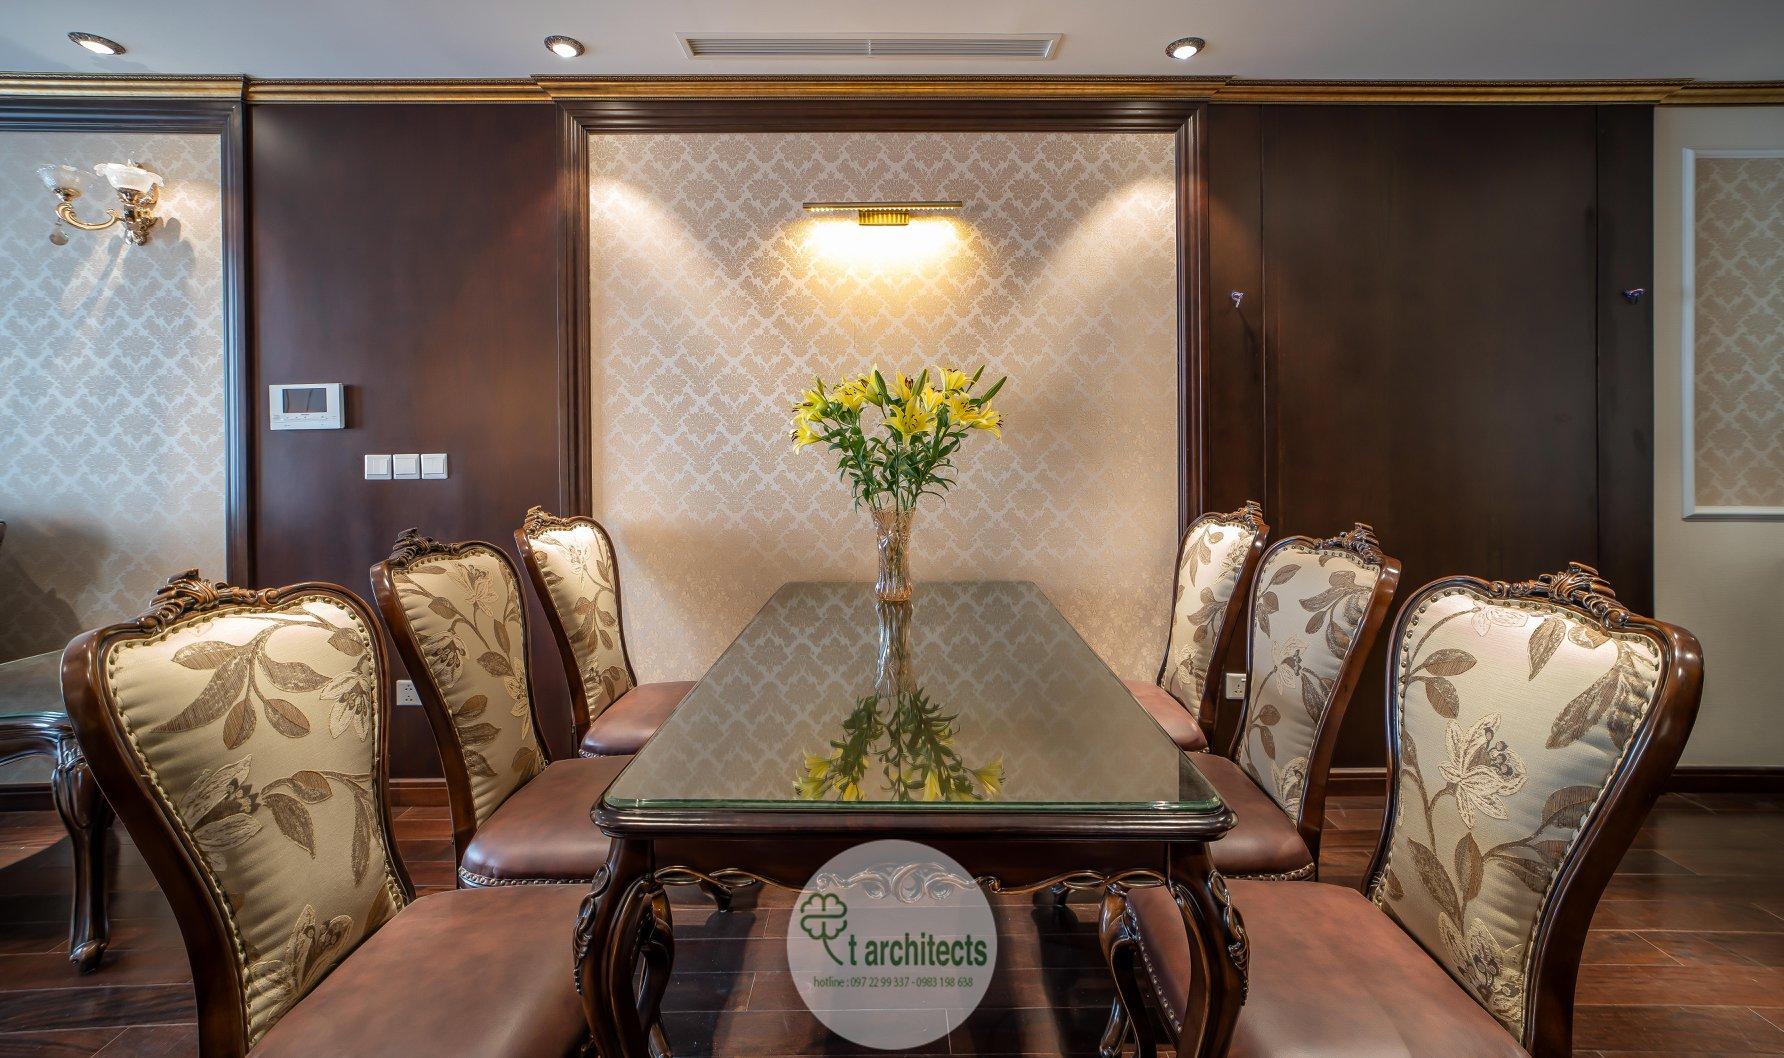 Thiết kế nội thất Chung Cư tại Hà Nội Thiết kế 6 căn hộ mẫu chung cư HC GOLDEN CITY 1589766599 19